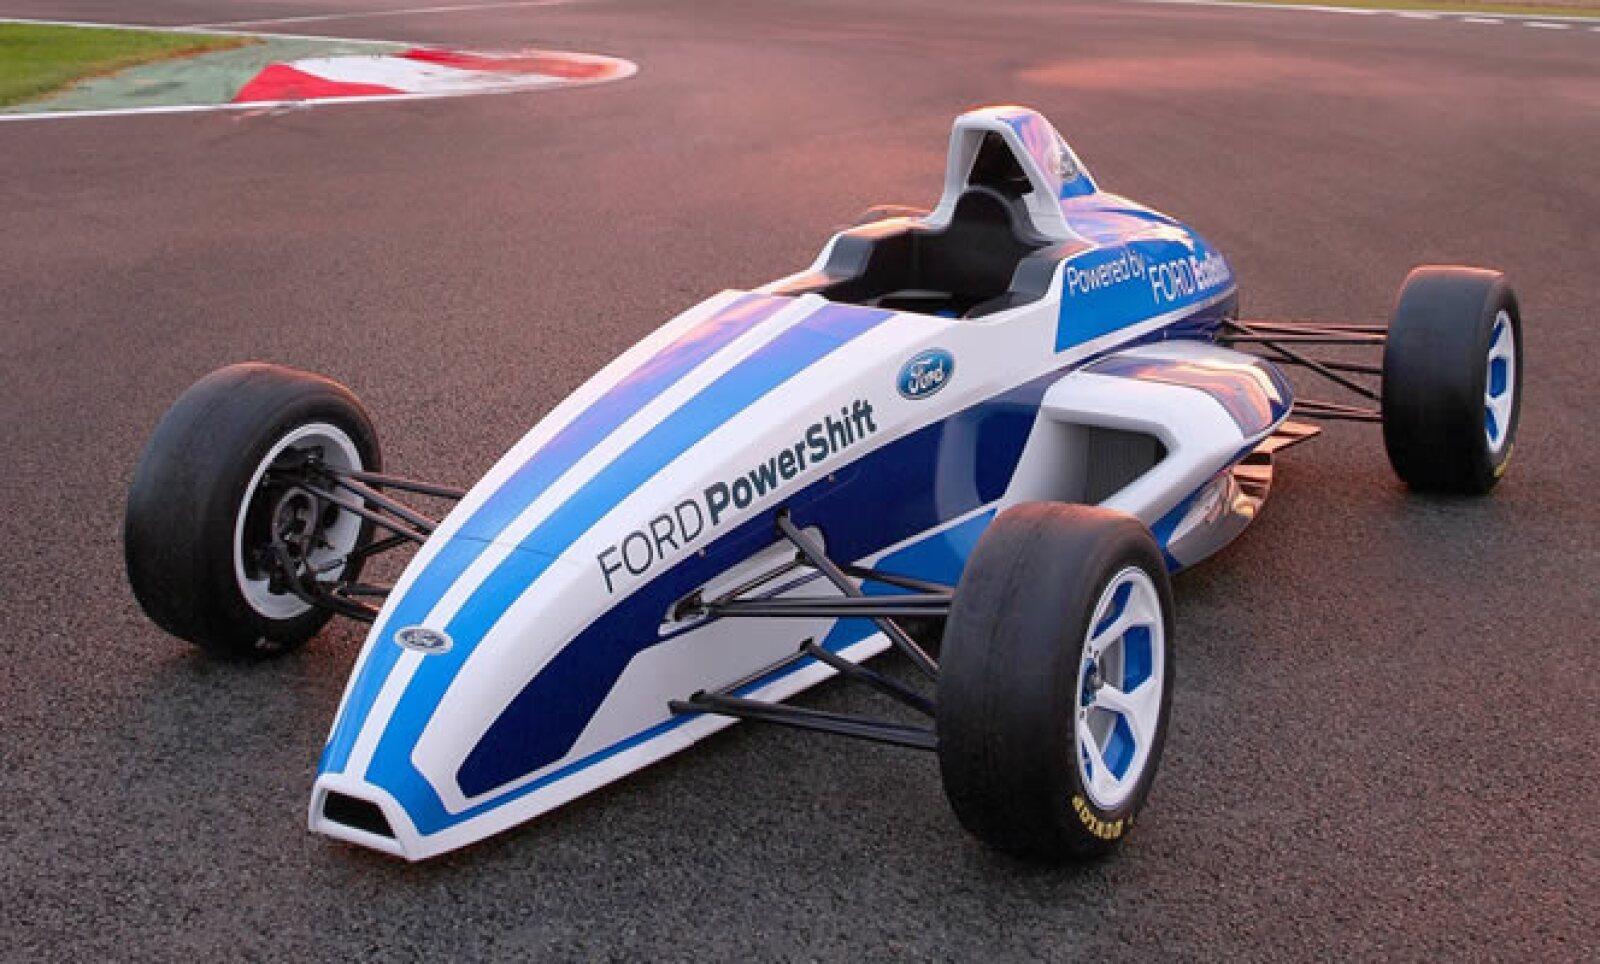 El vehículo es impulsado por un motor EcoBoost de 1.6 litros de cuatro cilindros, con 158 caballos de fuerza, que son manejados por una caja de cambios secuencial de seis velocidades.